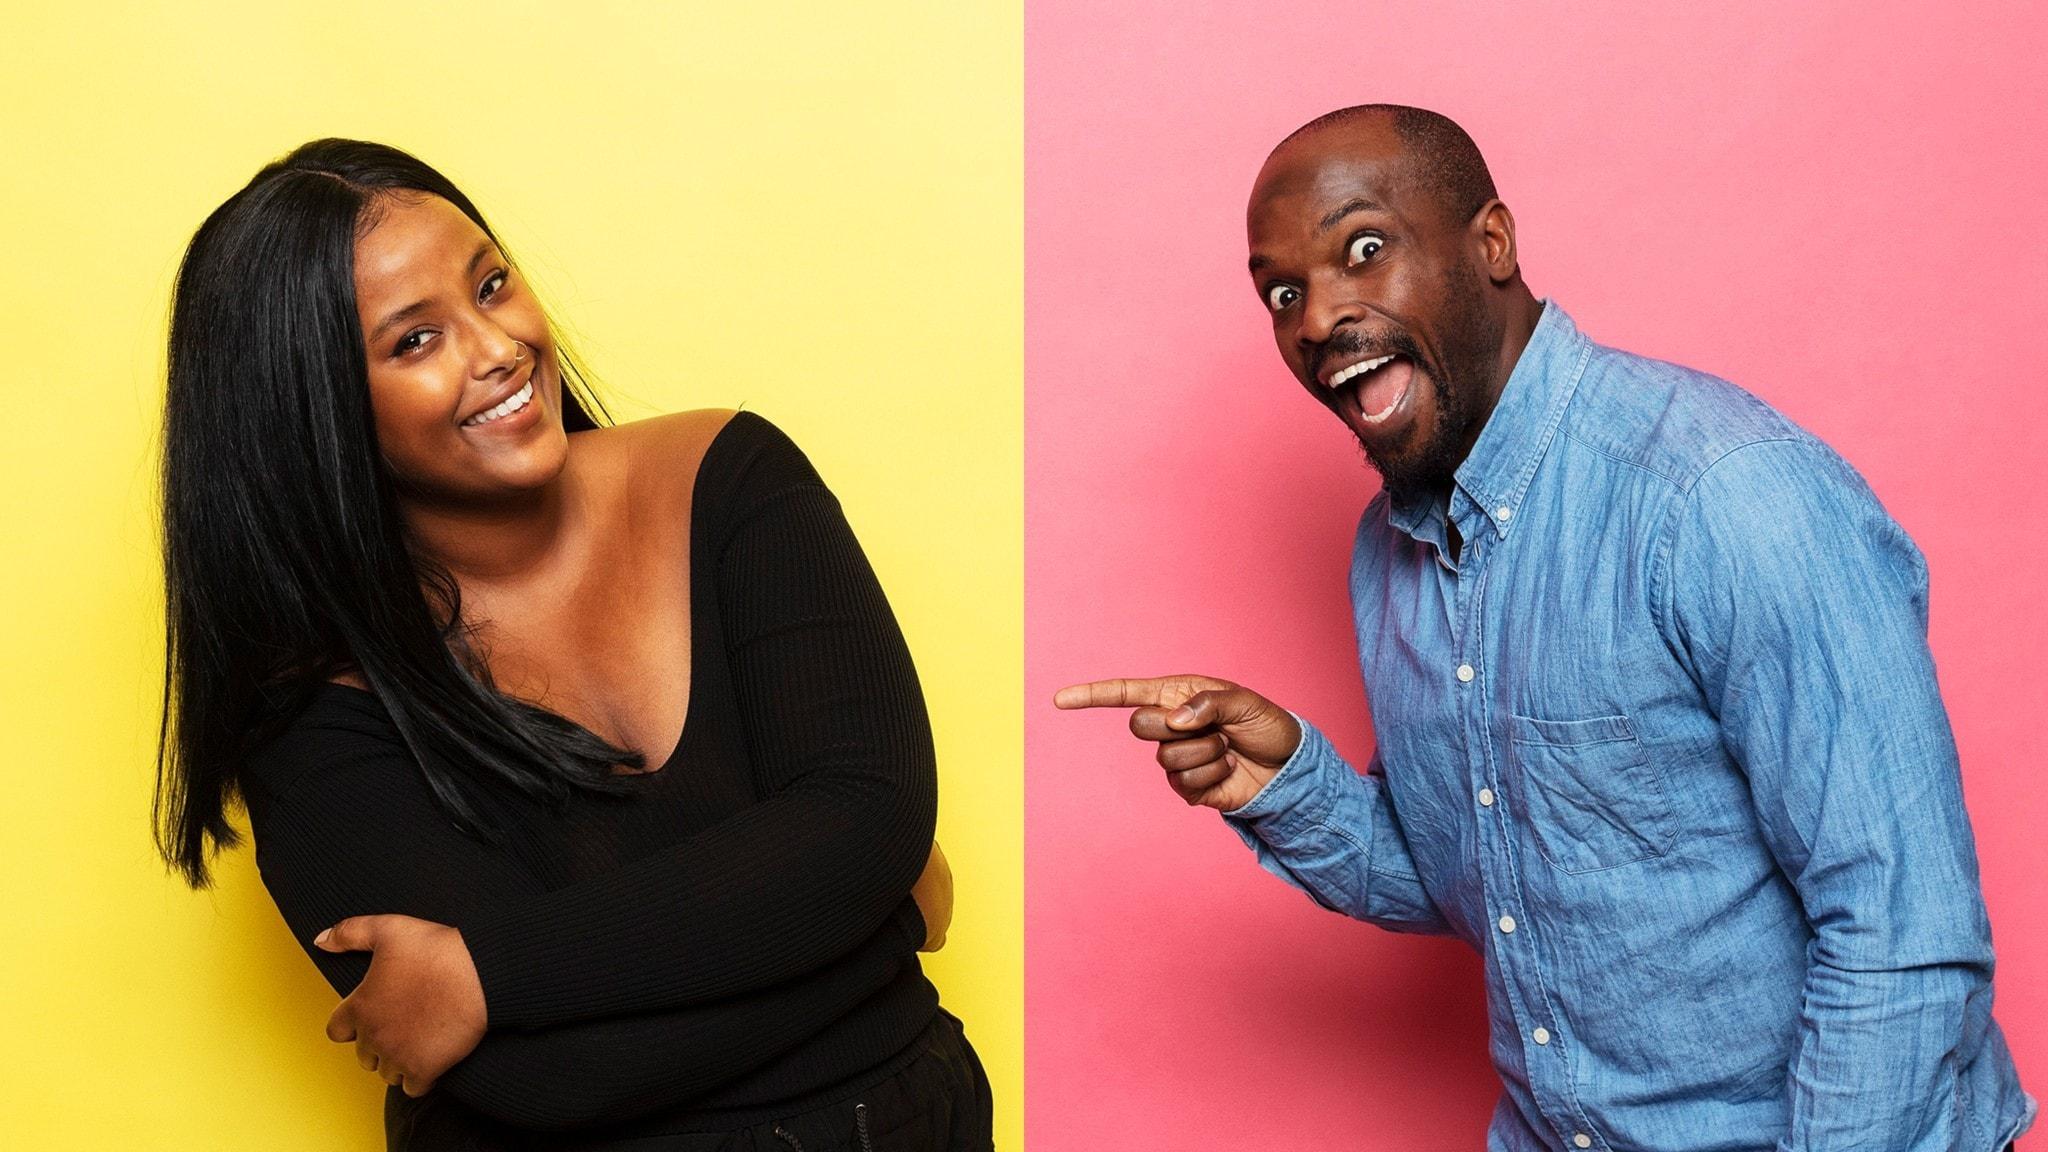 Ayan Jamal och Kodjo Akolor i en tvådelad bild. Ayan står framför en gul bakgrund och skrattar, Kodjo står framför en rosa bakgrund och pekar på Ayan, och ser lite tokig ut.